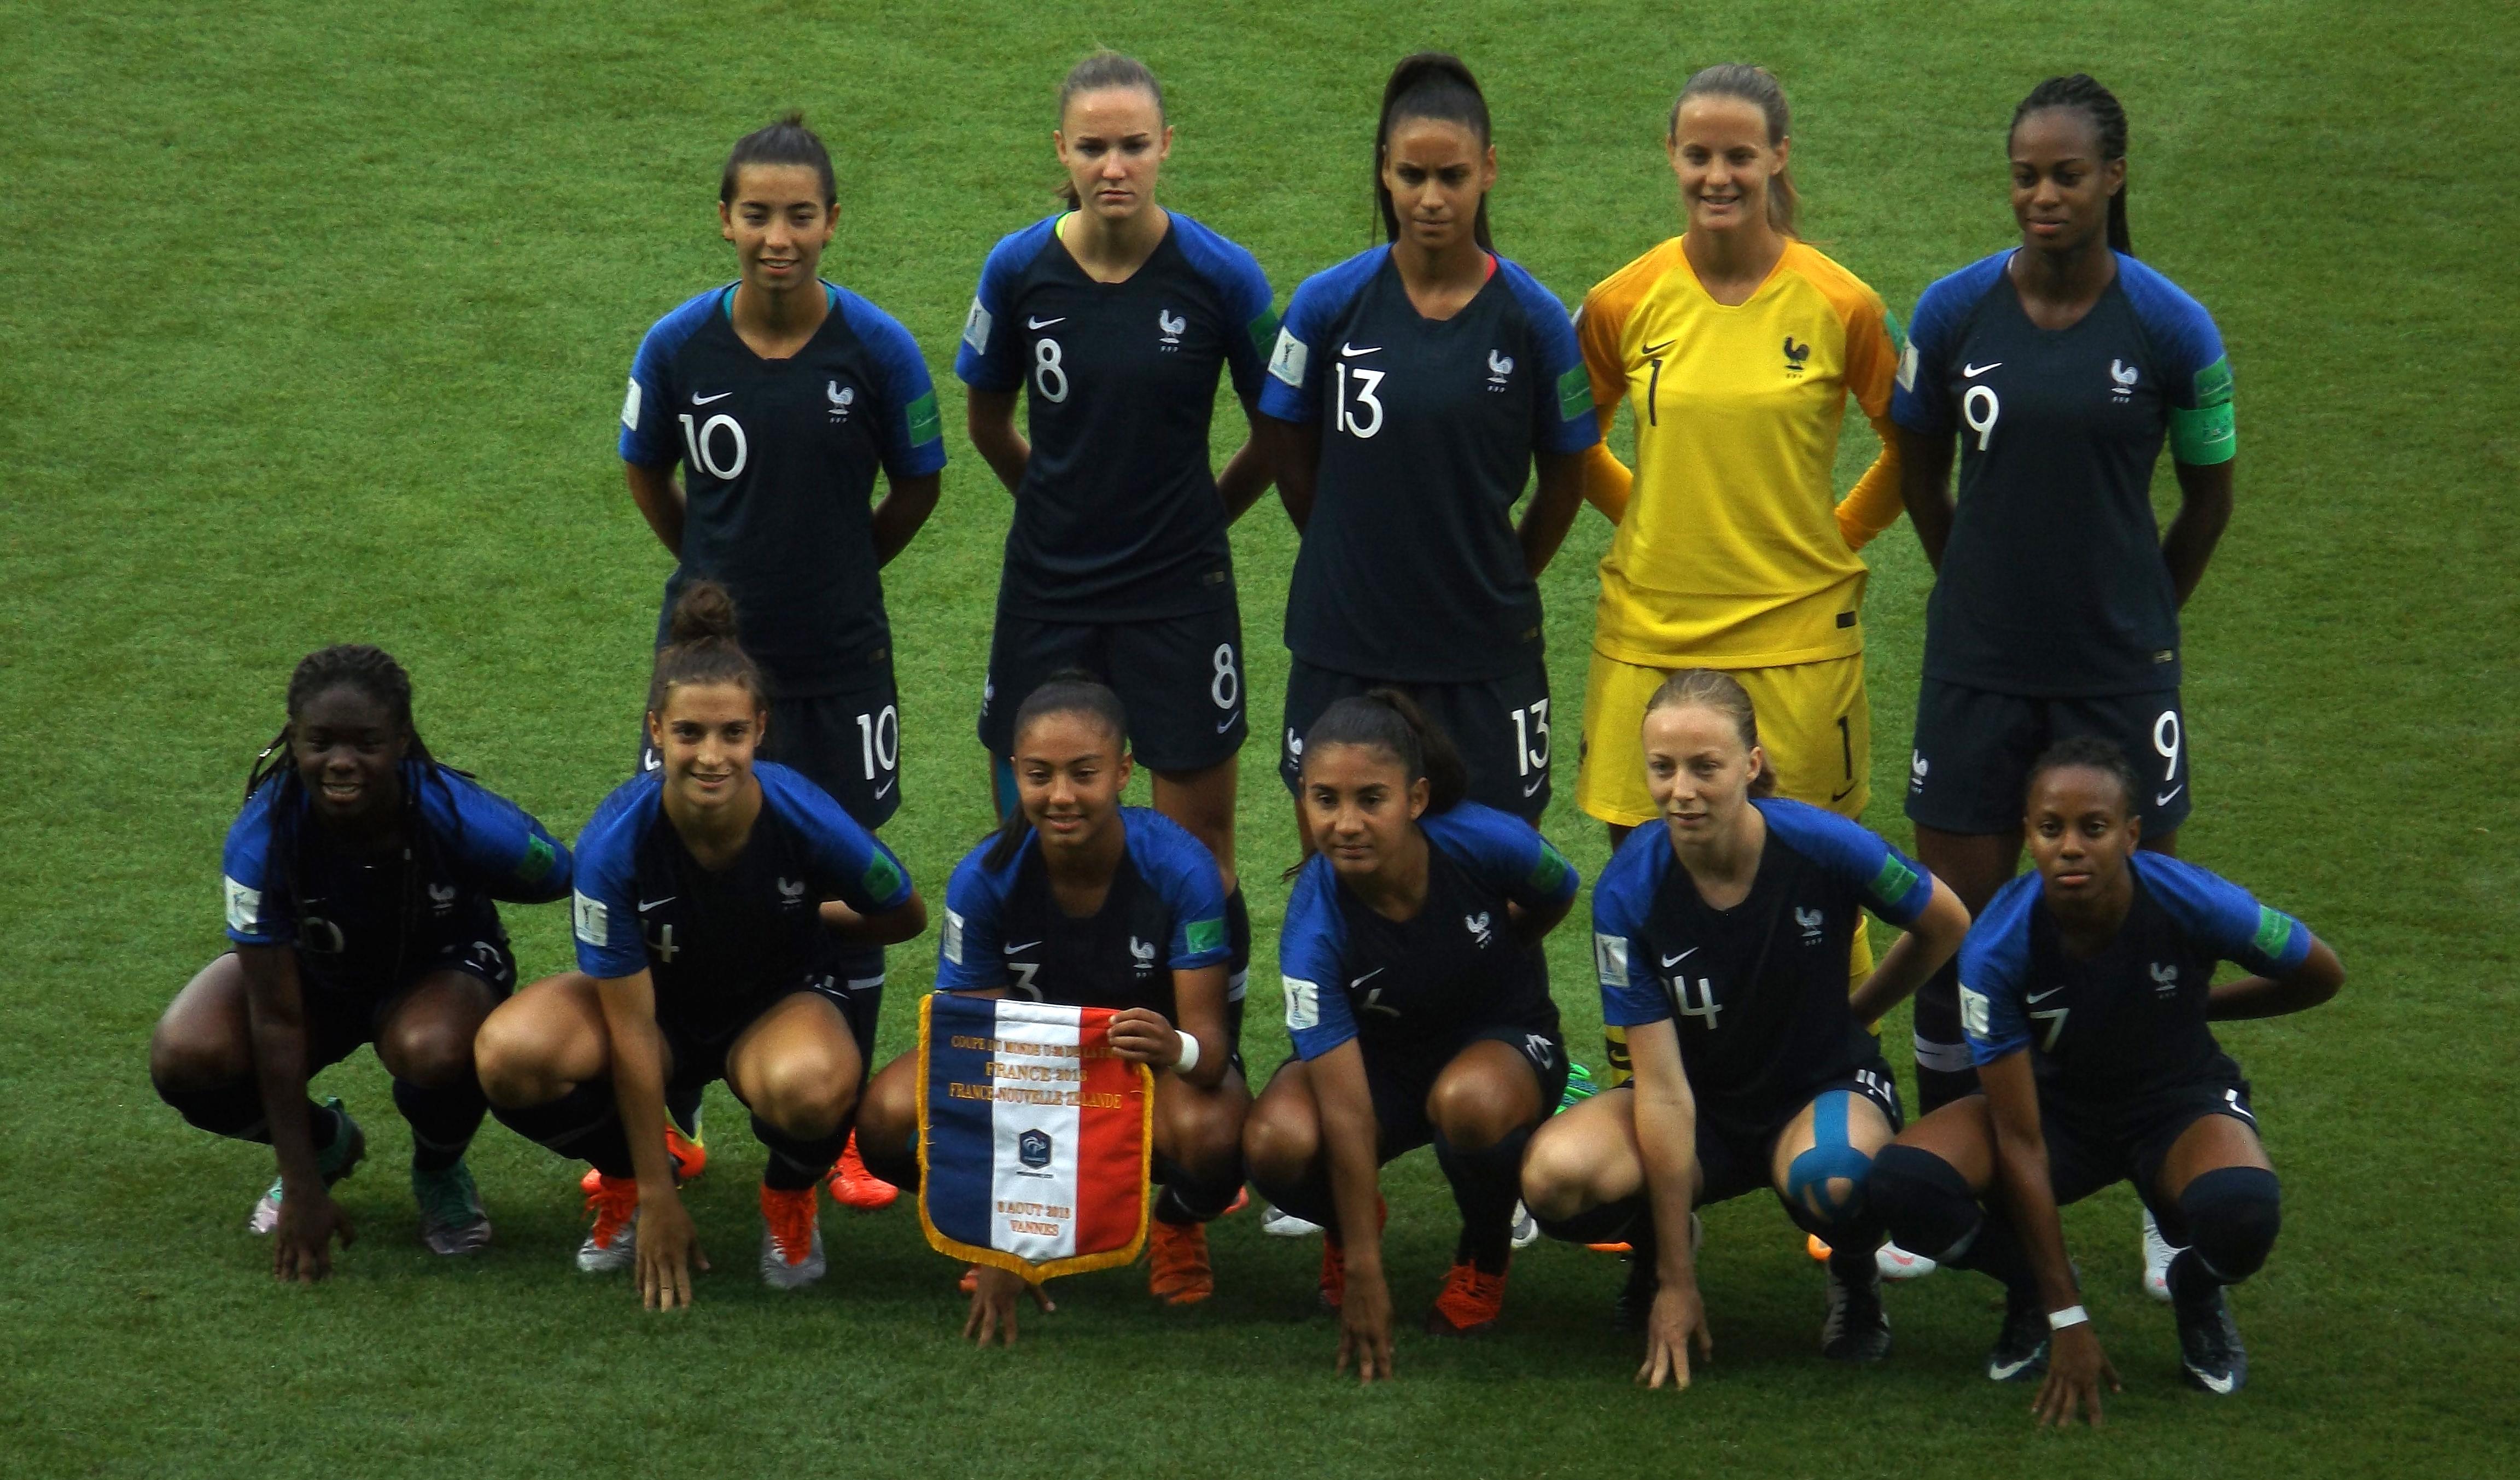 CdM U20 – Un nul comme seule récompense pour les Bleuettes